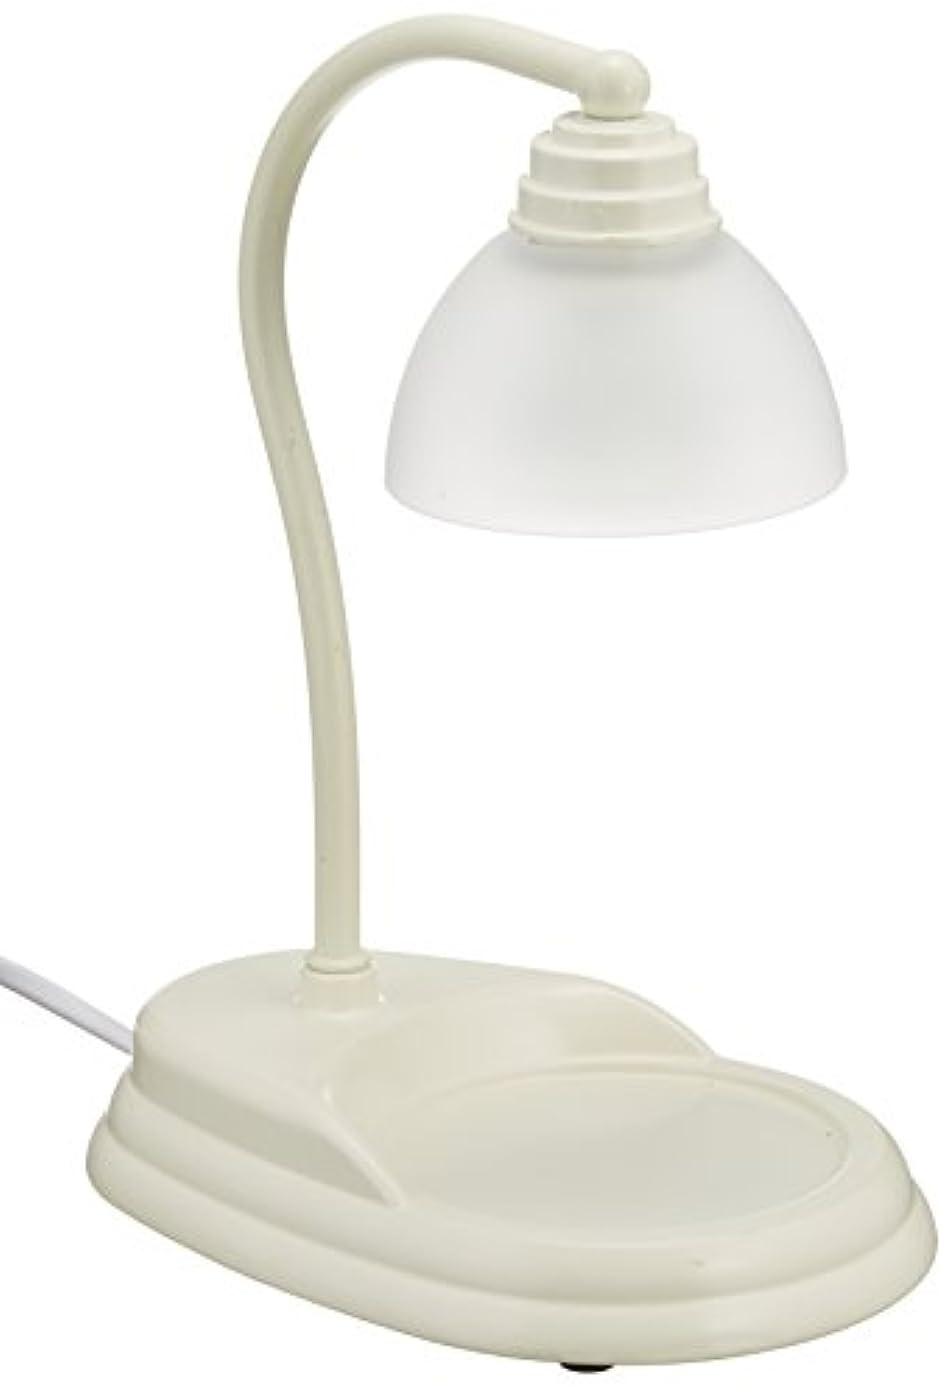 無視できる尽きる手がかり電球の熱でキャンドルを溶かして香りを楽しむ電気スタンド キャンドルウォーマーランプ (ホワイト)